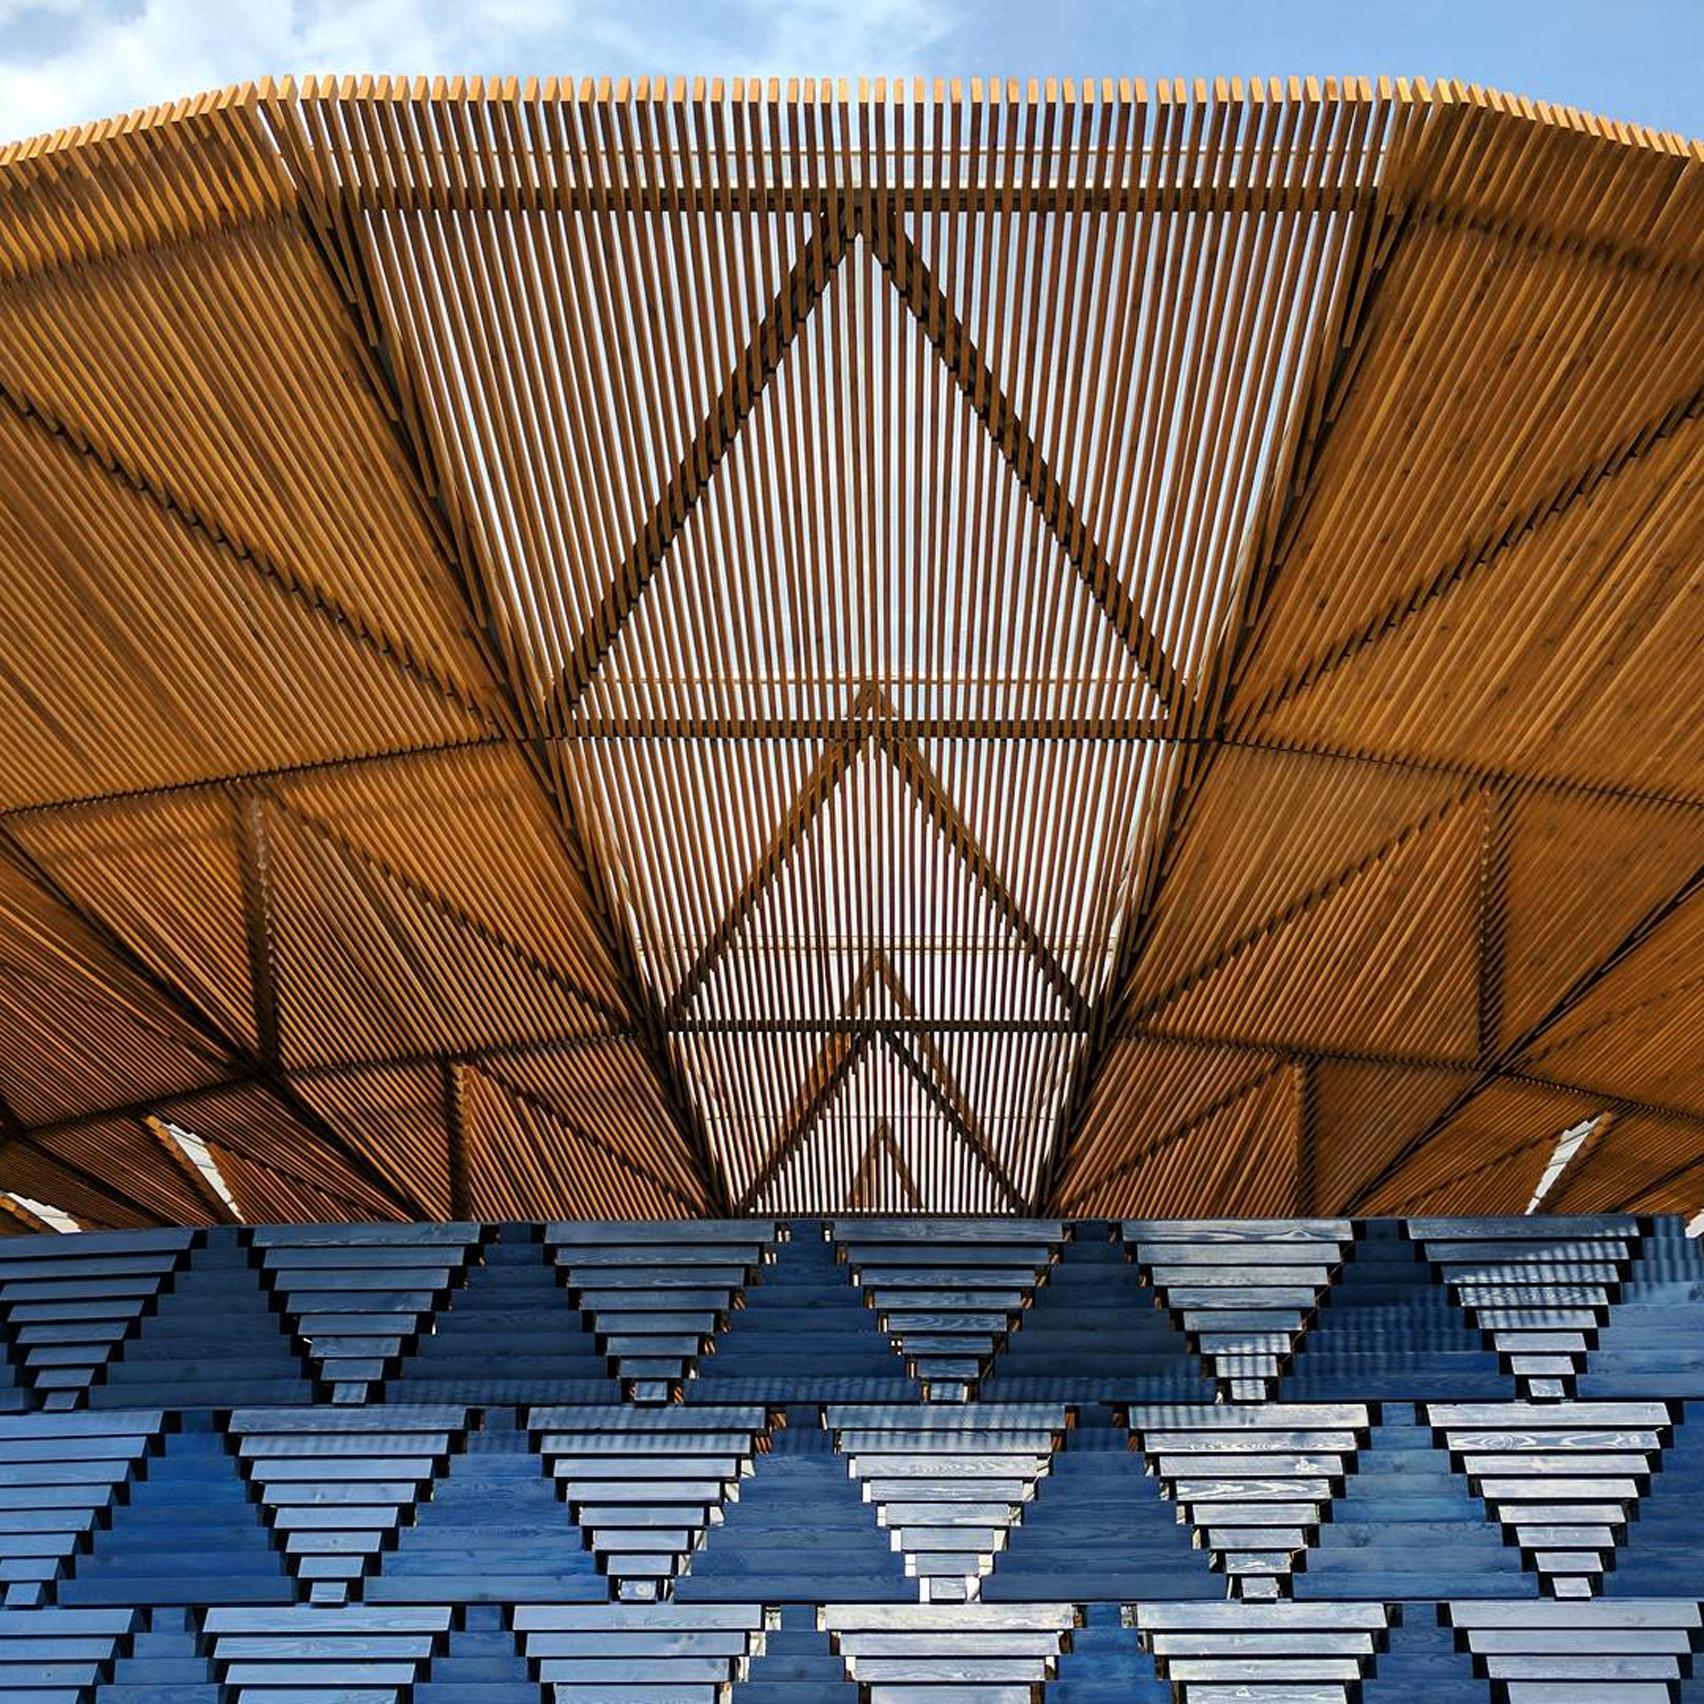 Drone footage captures Diébédo Francis Kéré's Serpentine Pavilion 2017